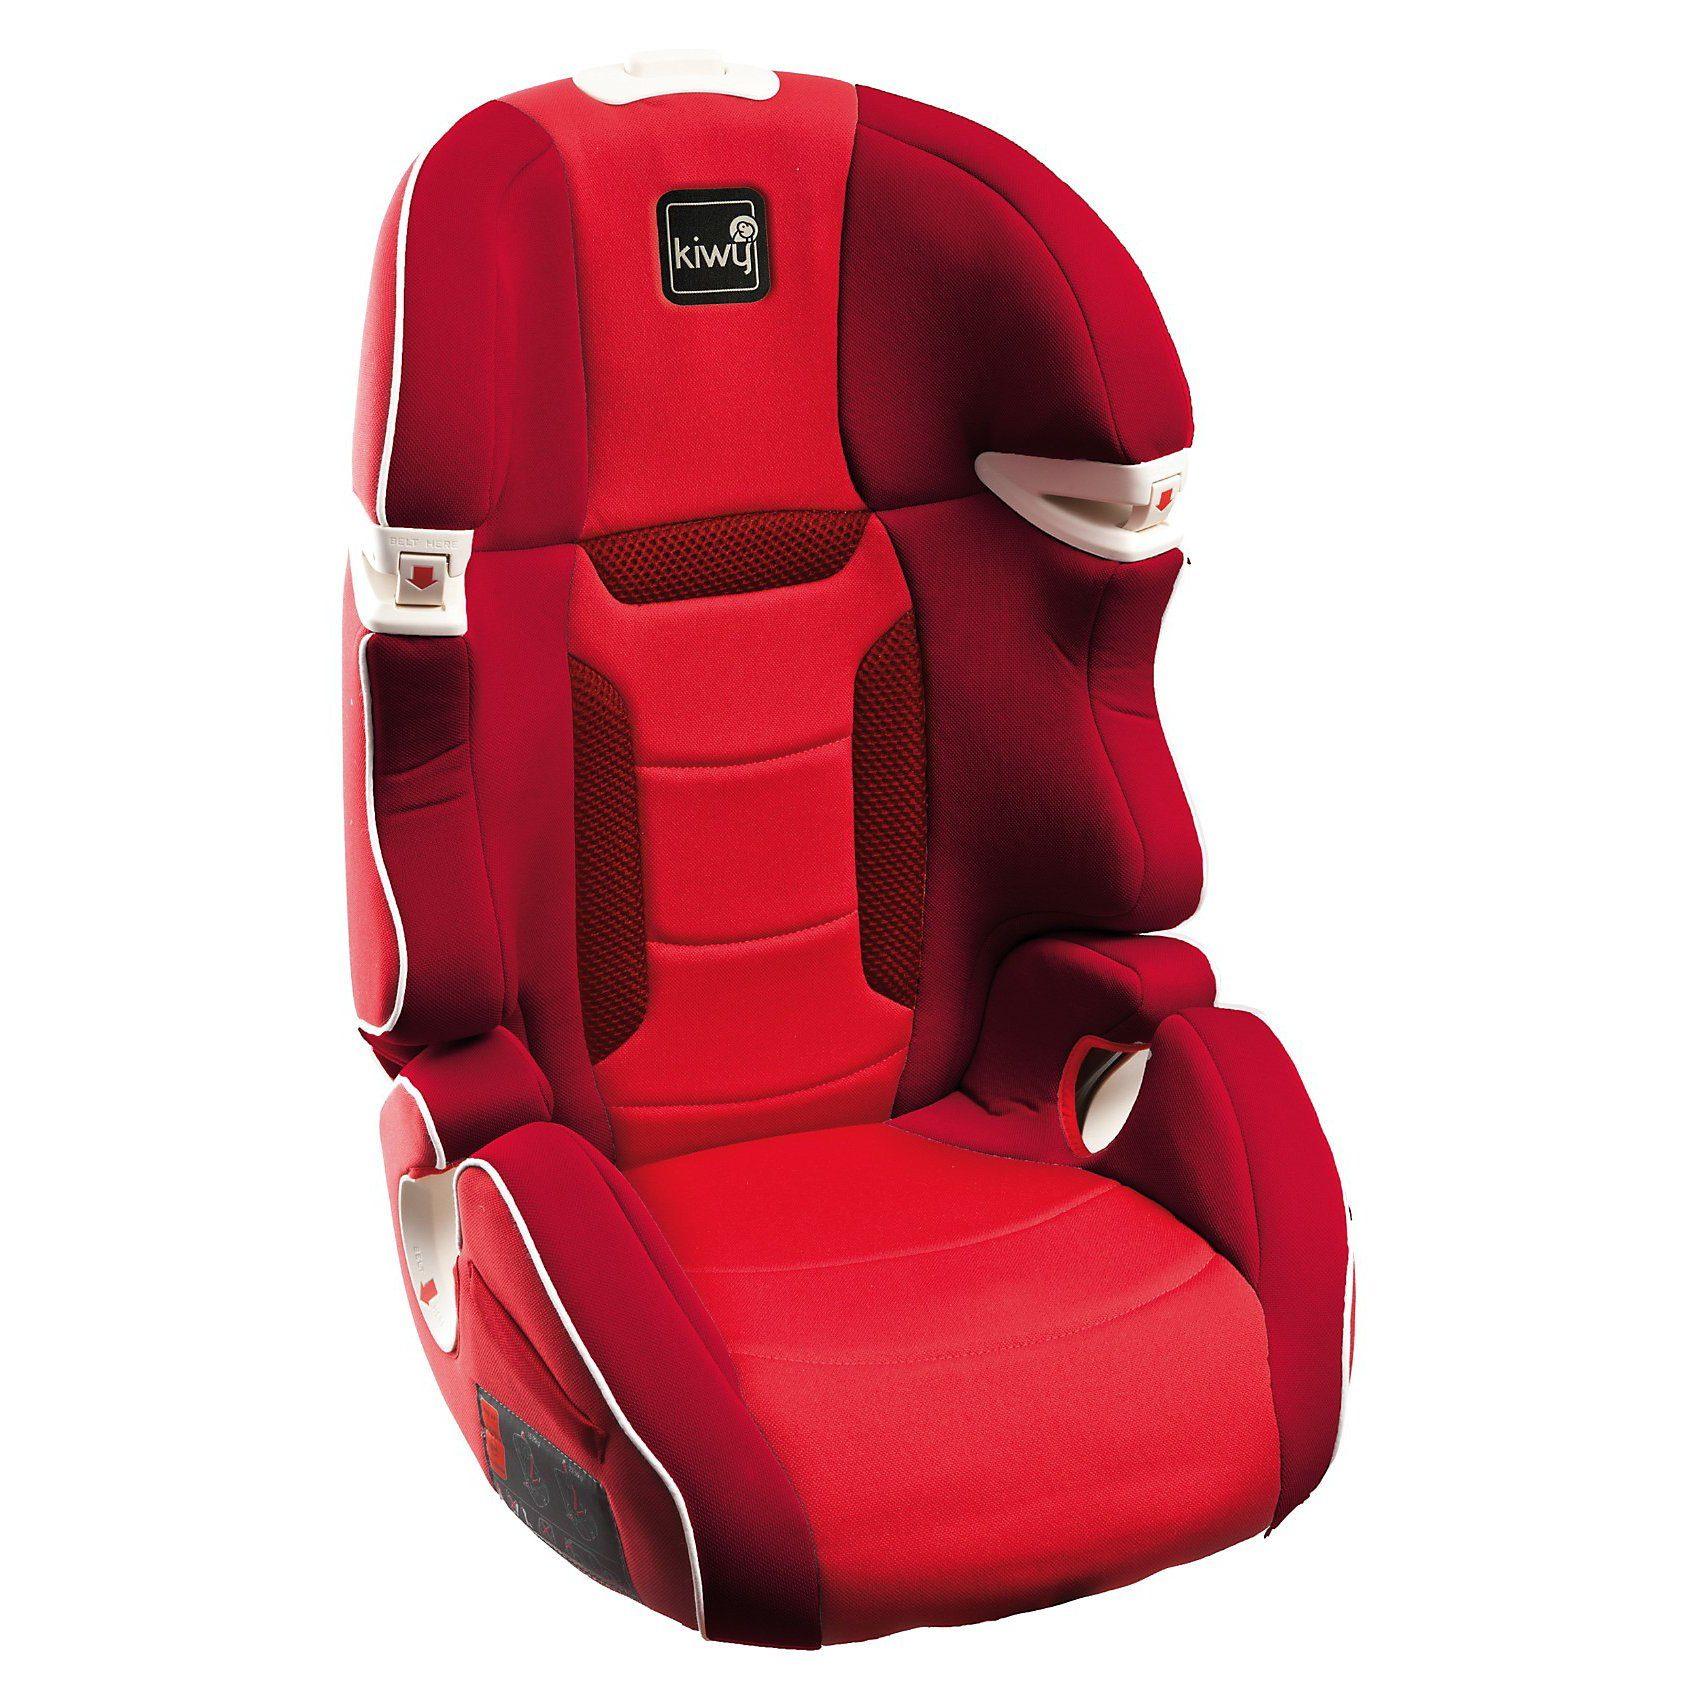 Kiwy Auto-Kindersitz S23, cherry, 2017